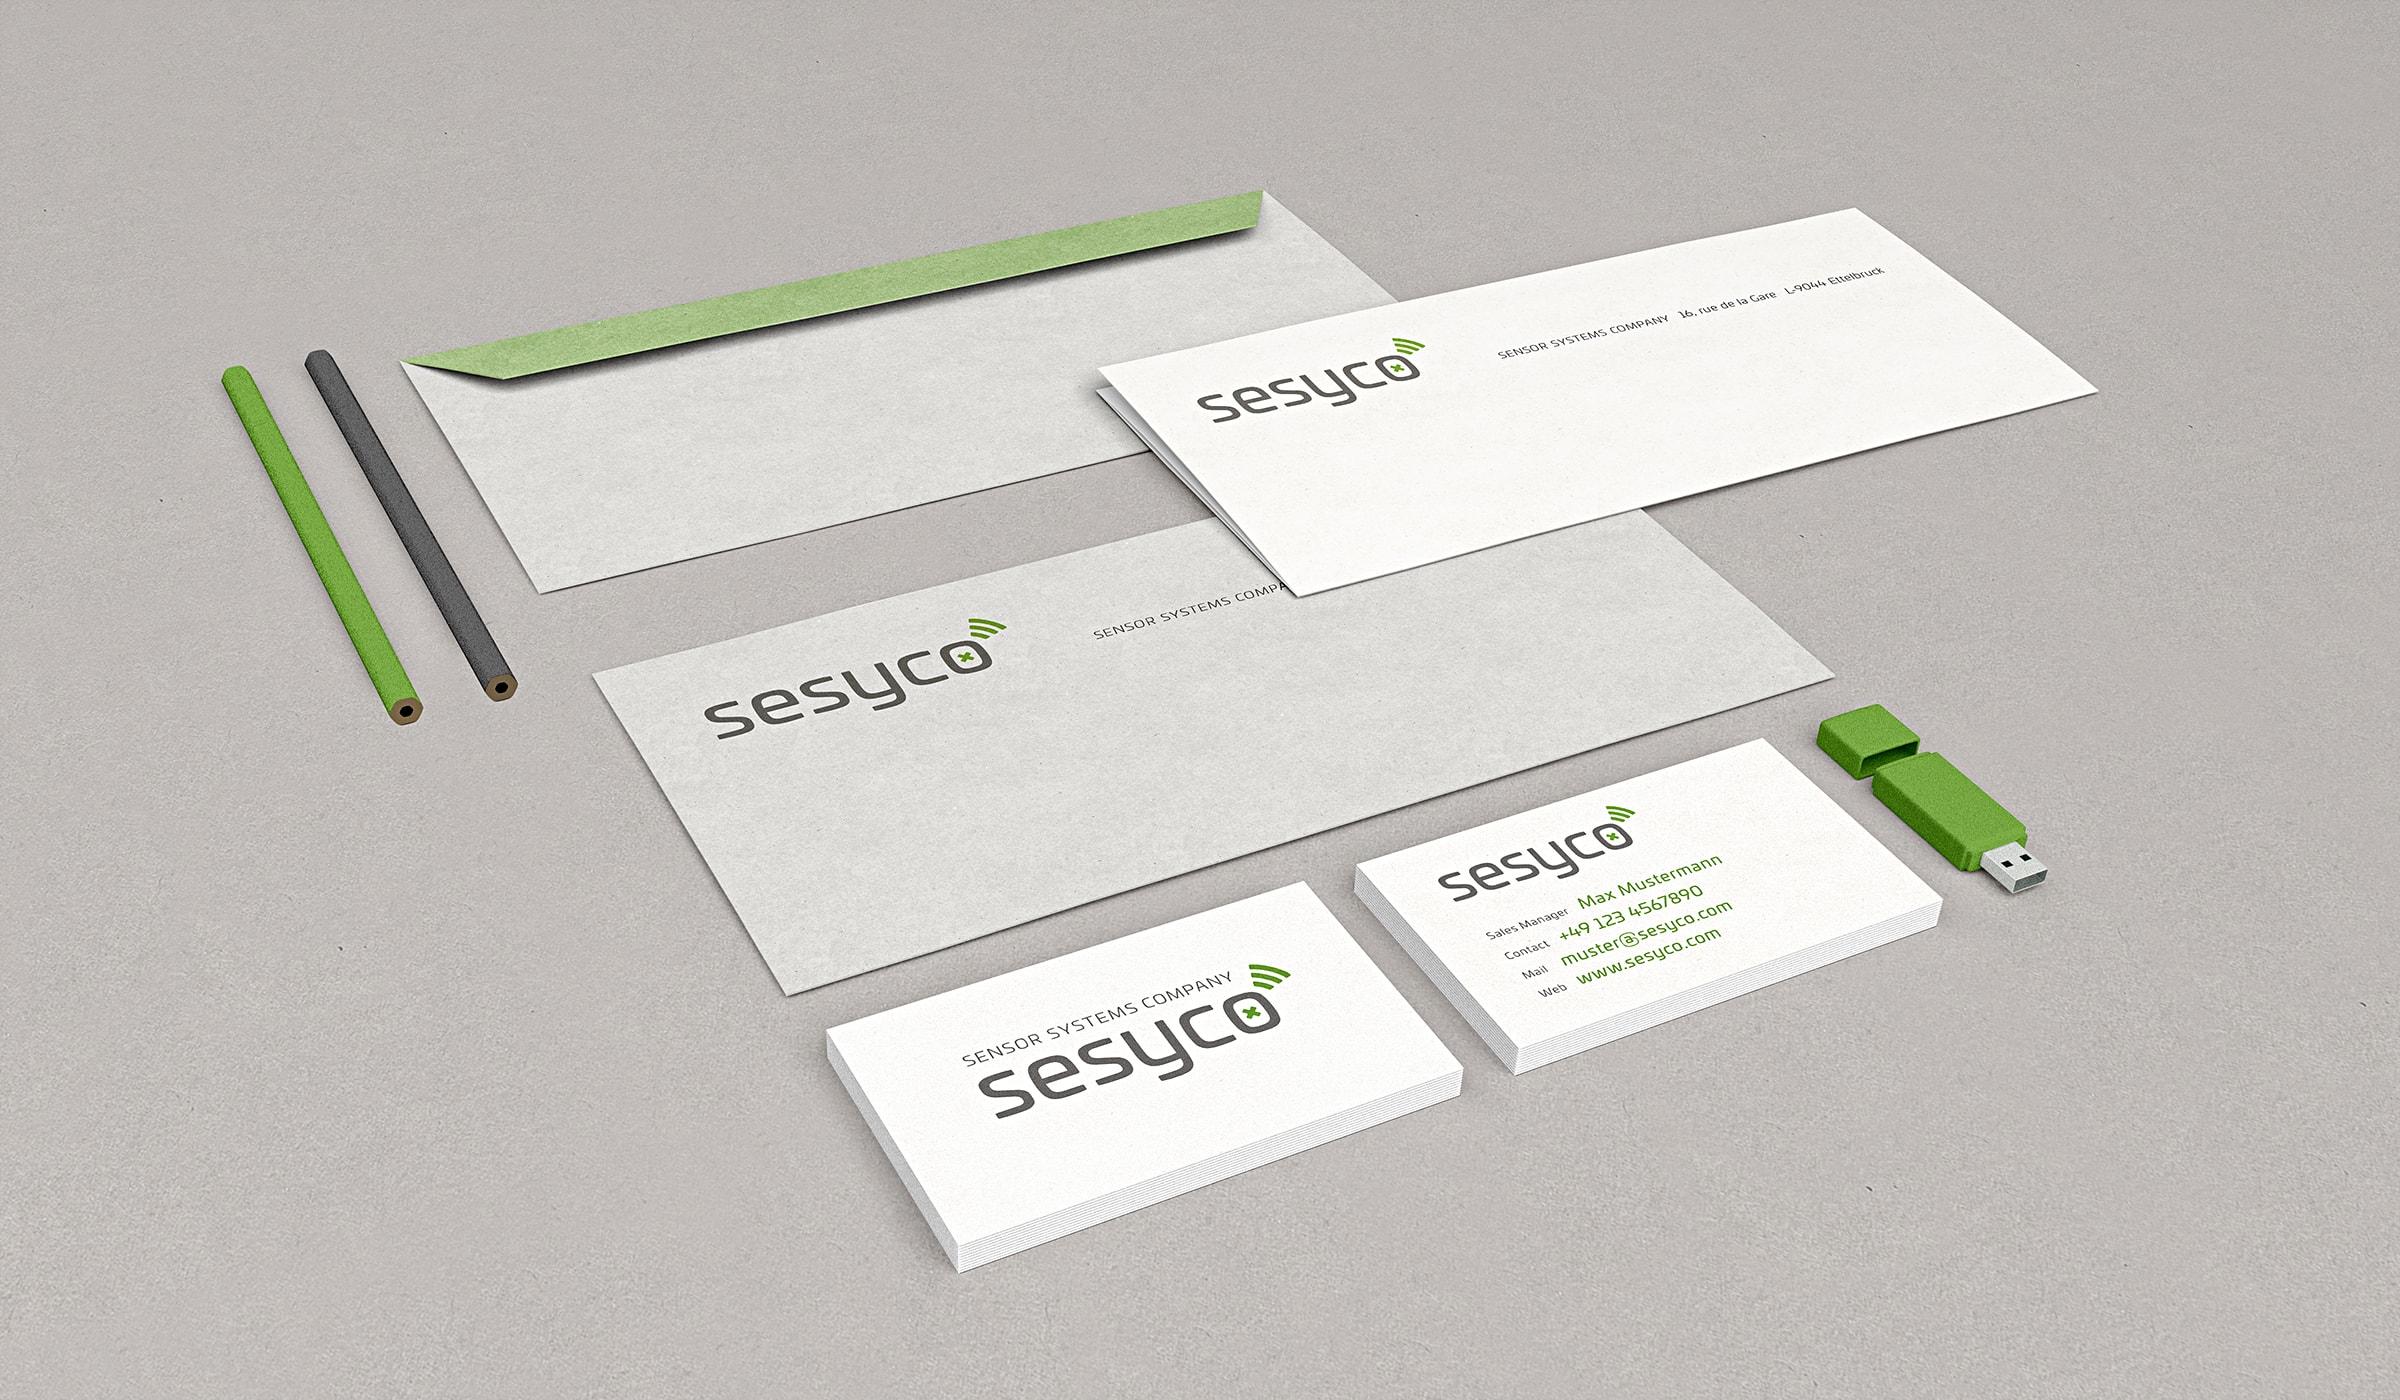 Corporate Design für ein Start-up aus Luxembourg, ein Bestandteil des Branding entwickelt durch die Designagentur mieker - Konzept Design Strategie. Der Identität und dem Designkonzept folgend, besteht die Geschäftspapierausstattung aus 100% Altpapier zertifiziert durch den Blauen Engel. Das Corporate Design setzt sich aus Visitenkarten, Briefpapier und Briefumschlägen zusammen. Bestandteile des Branding: Kommunikationsdesign, Brand- und Corporate Design, Packaging Design, Logodesign, Werbemittel und Werbung. Regionen: Luxembourg, Saarbrücken, Trier, Koblenz, Mannheim